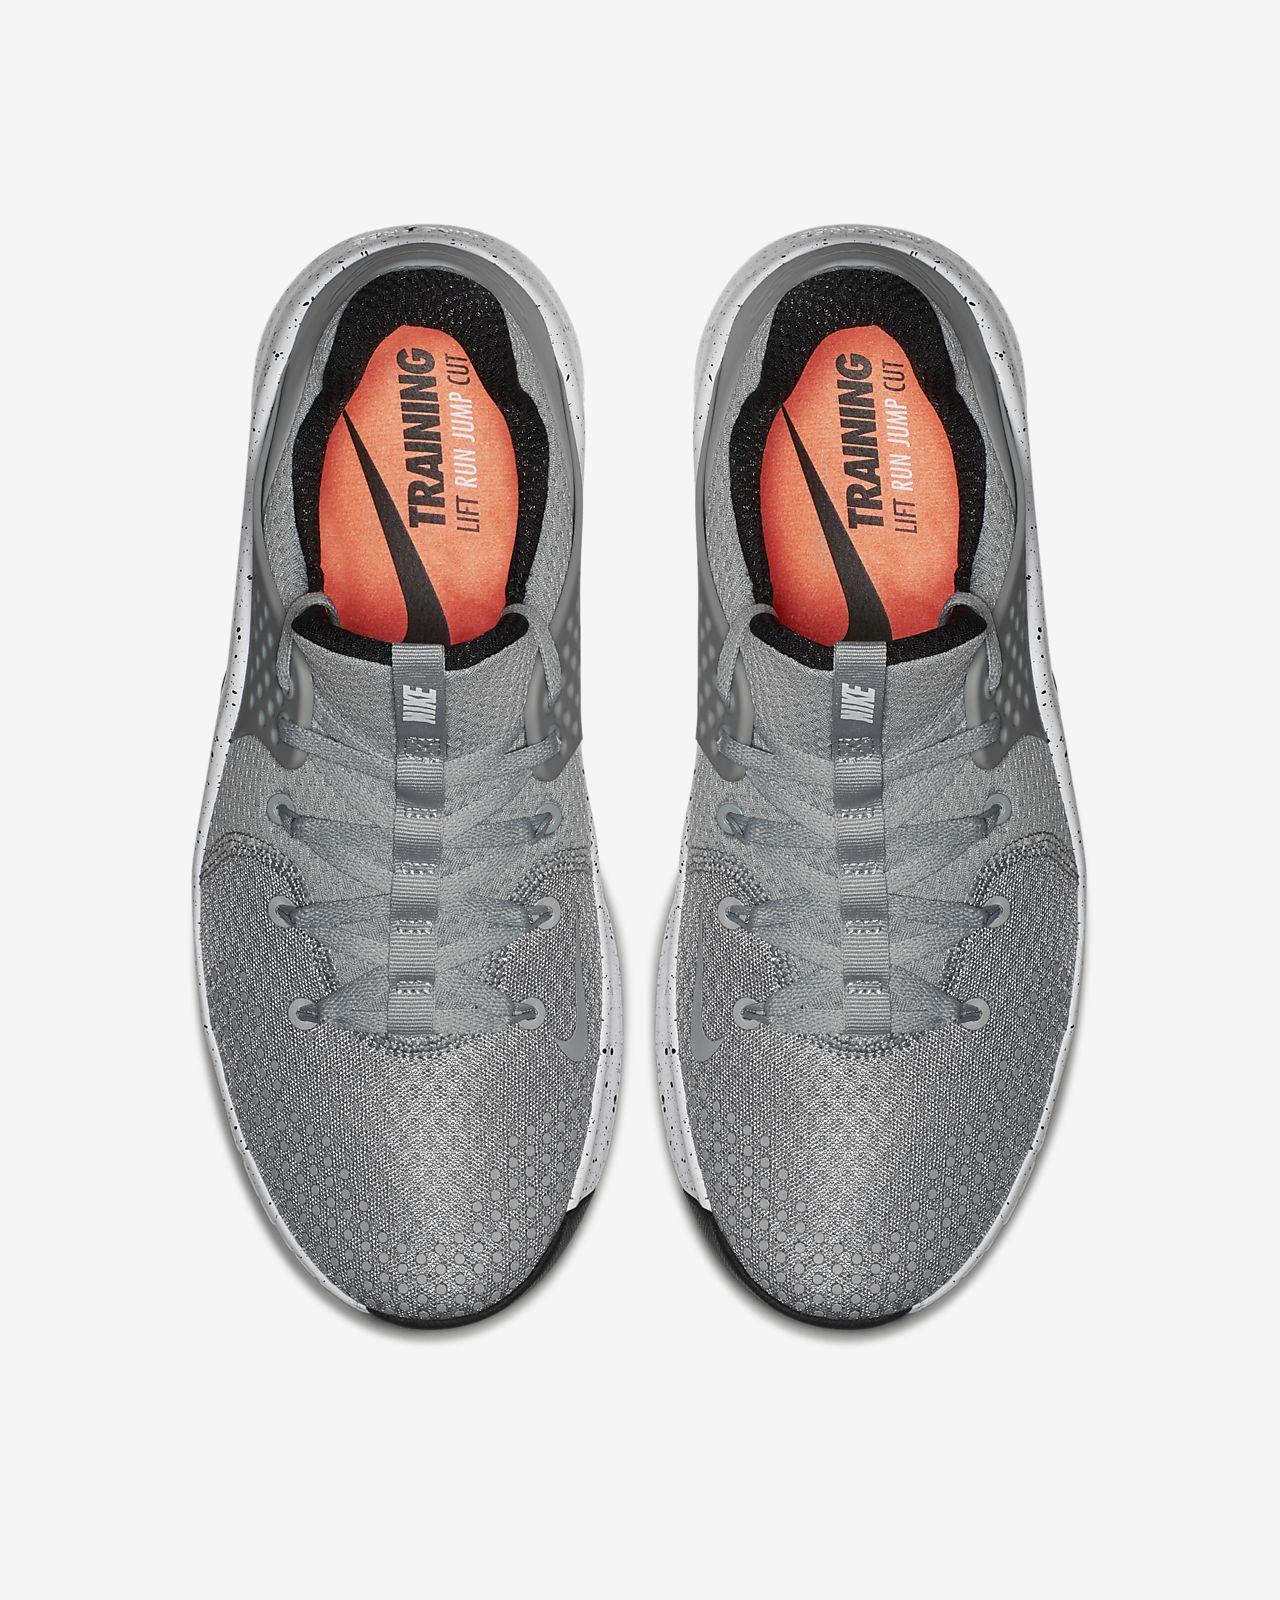 Lyst - Nike Free Tr V8 Men s Training Shoe in White for Men 939a89913